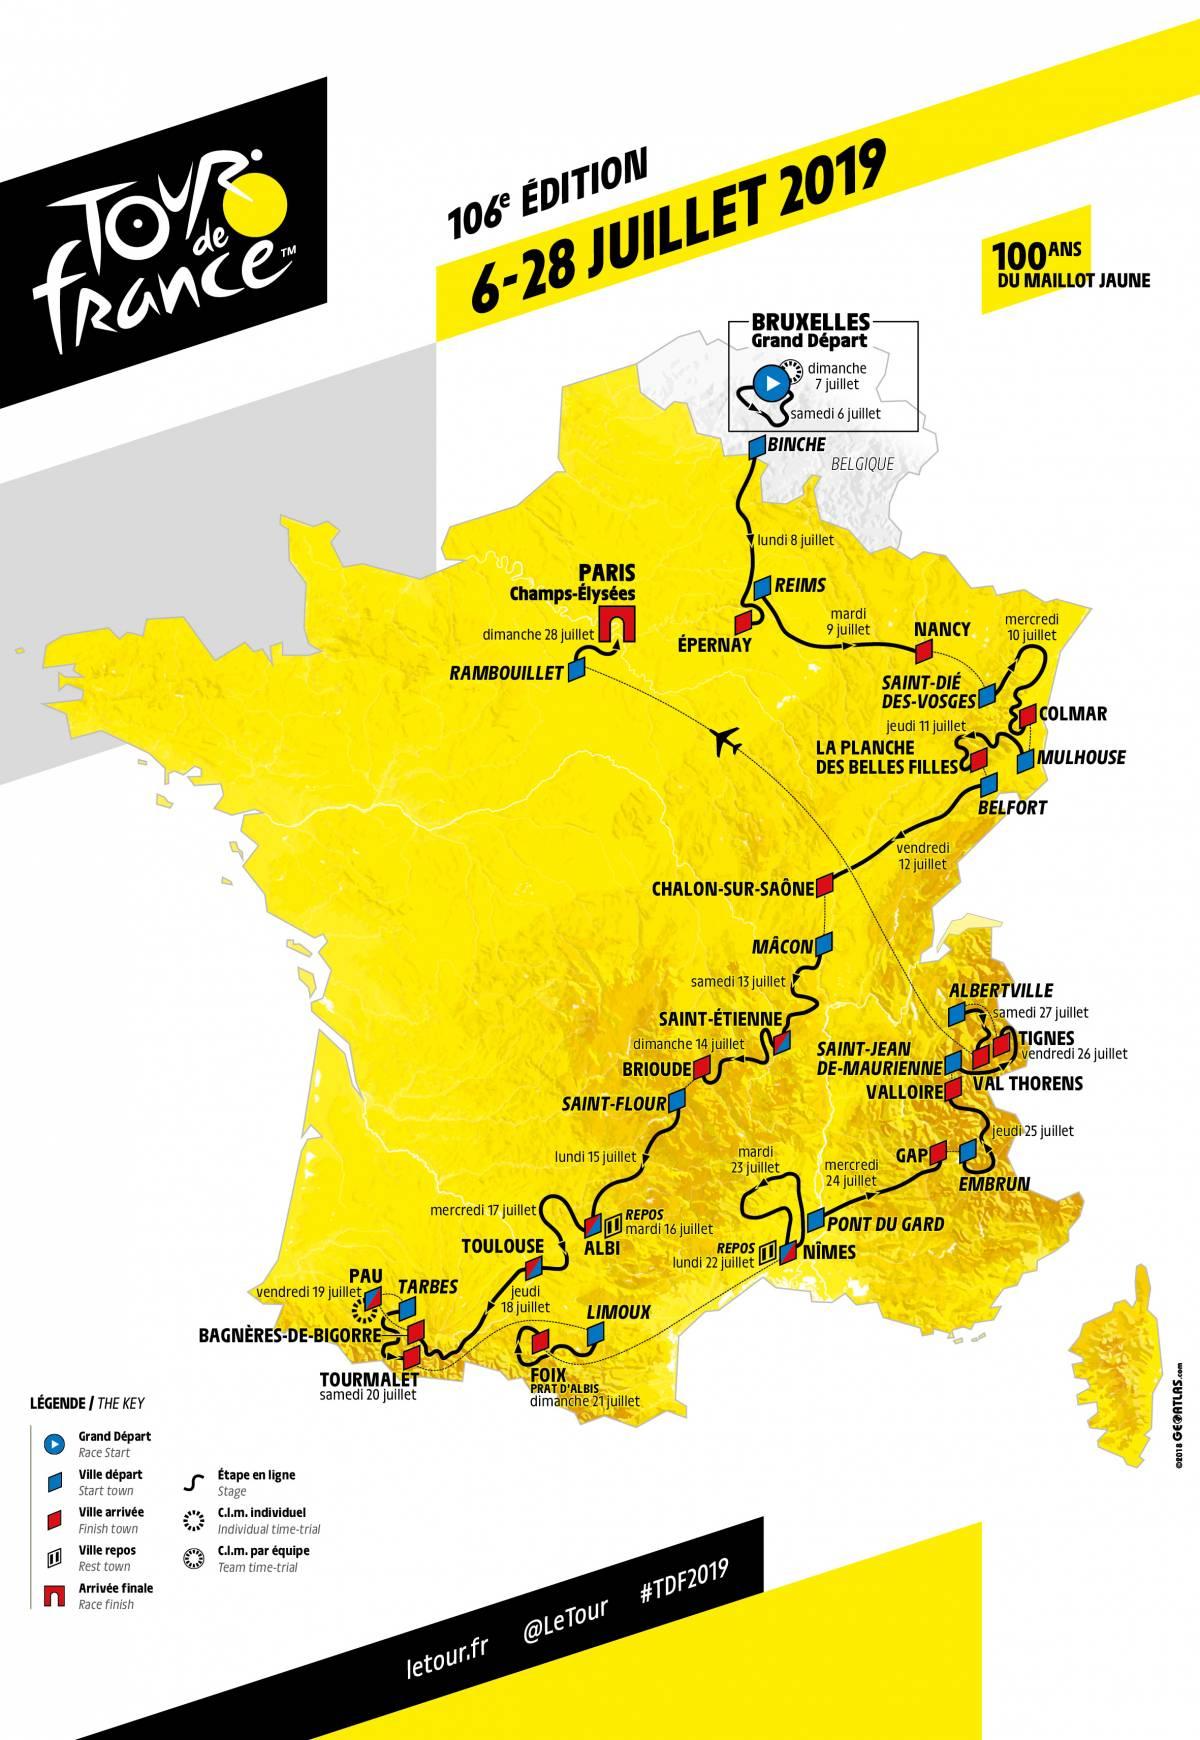 Rent A Bike To Follow The Tour De France In The Alps - Alps à Gap Sur La Carte De France